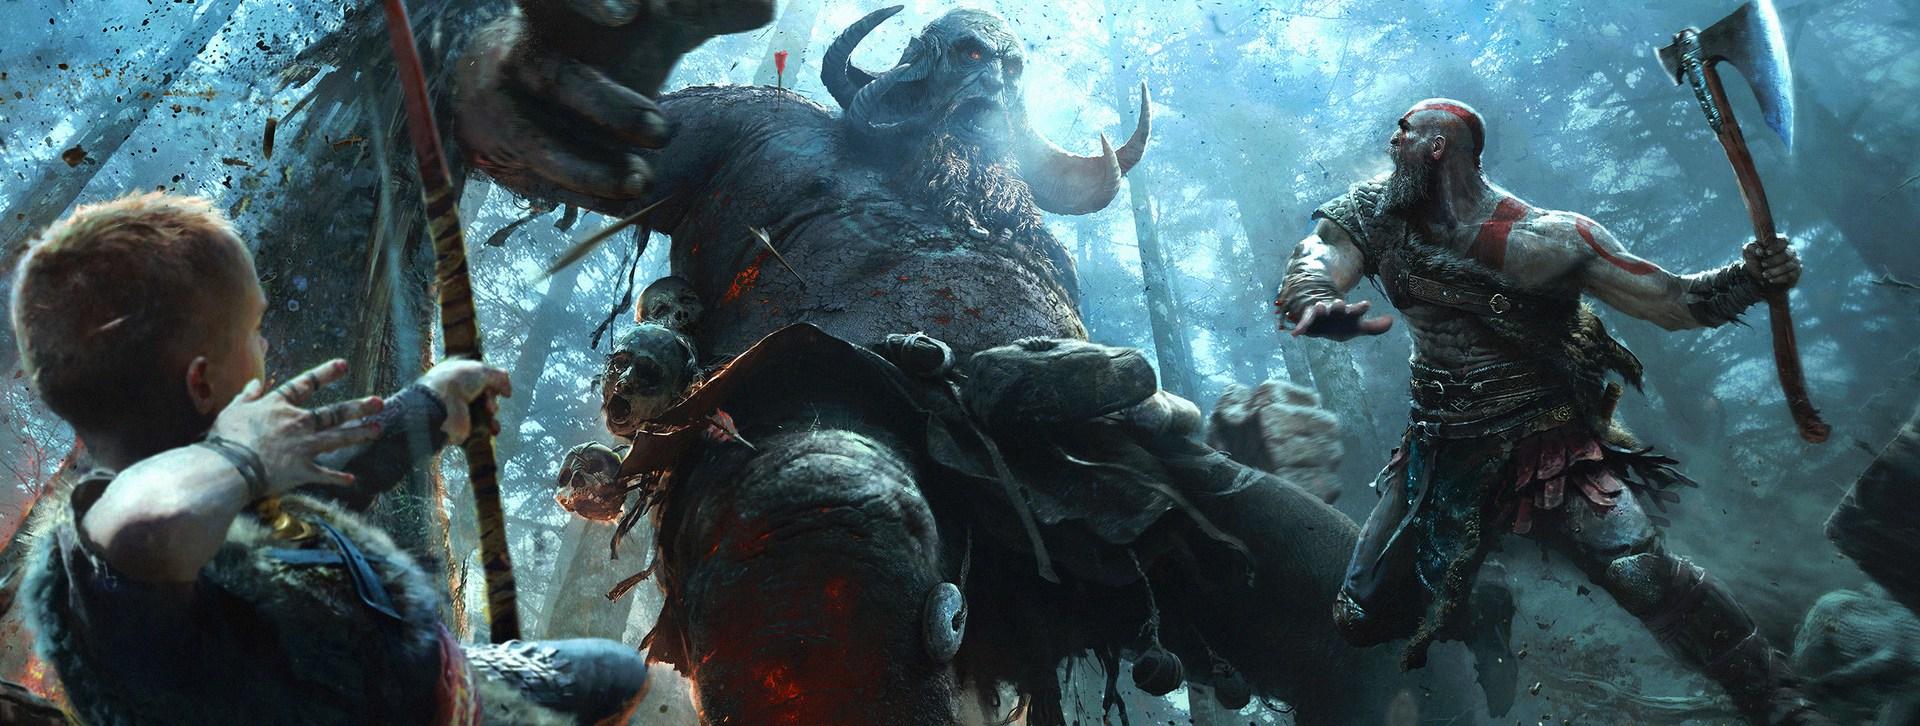 فروش عنوان God Of War 4 از مرز پنج میلیون نسخه عبور کرد